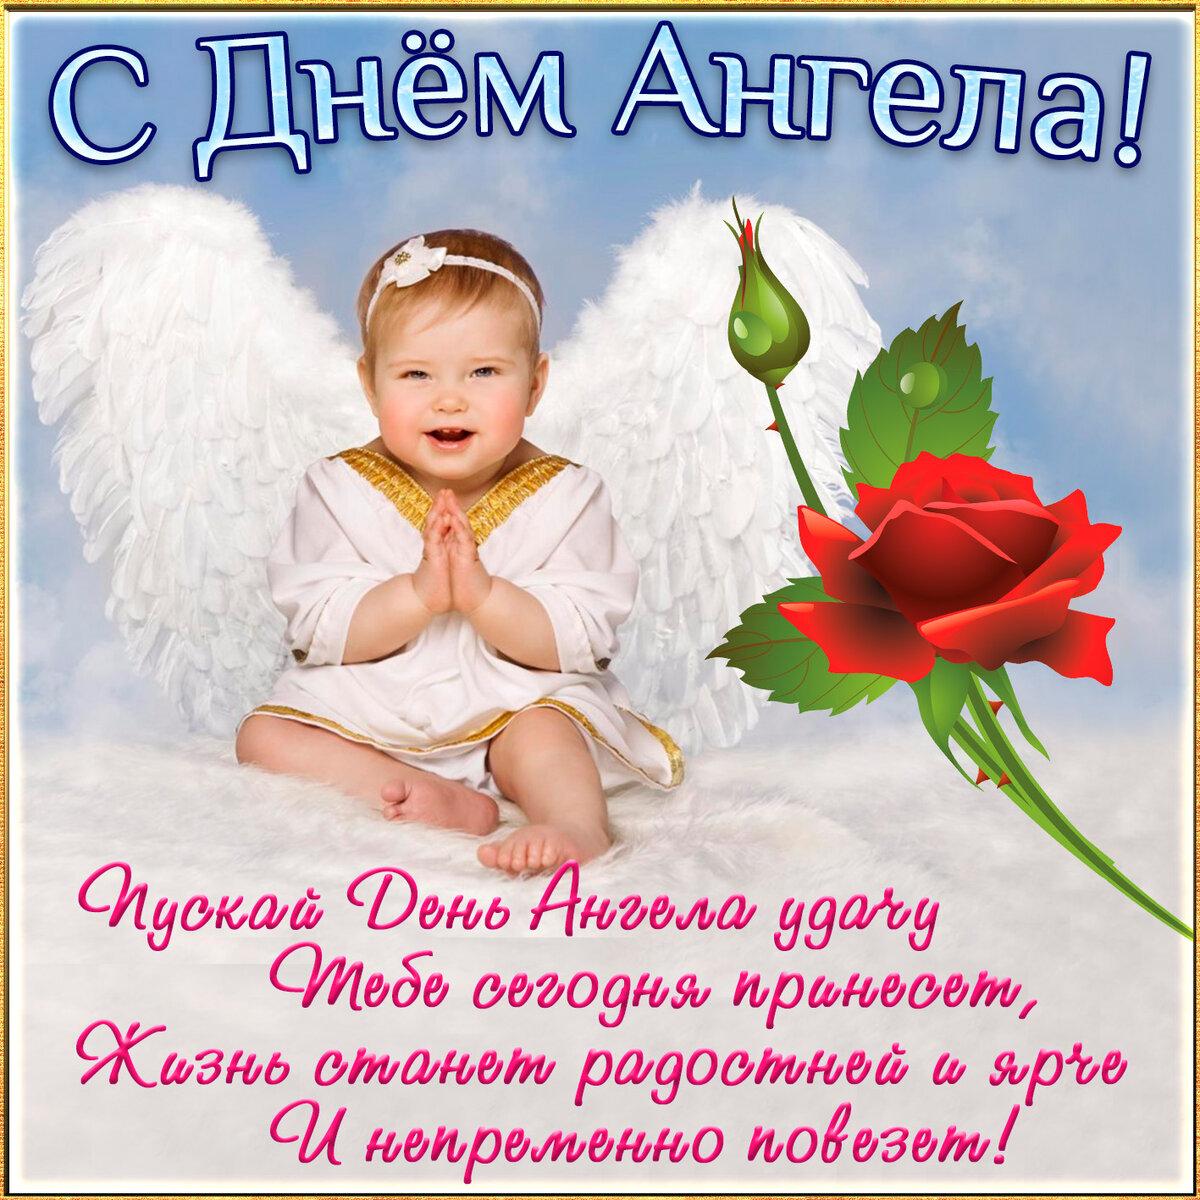 с днем ангела картинки красивые с надписью